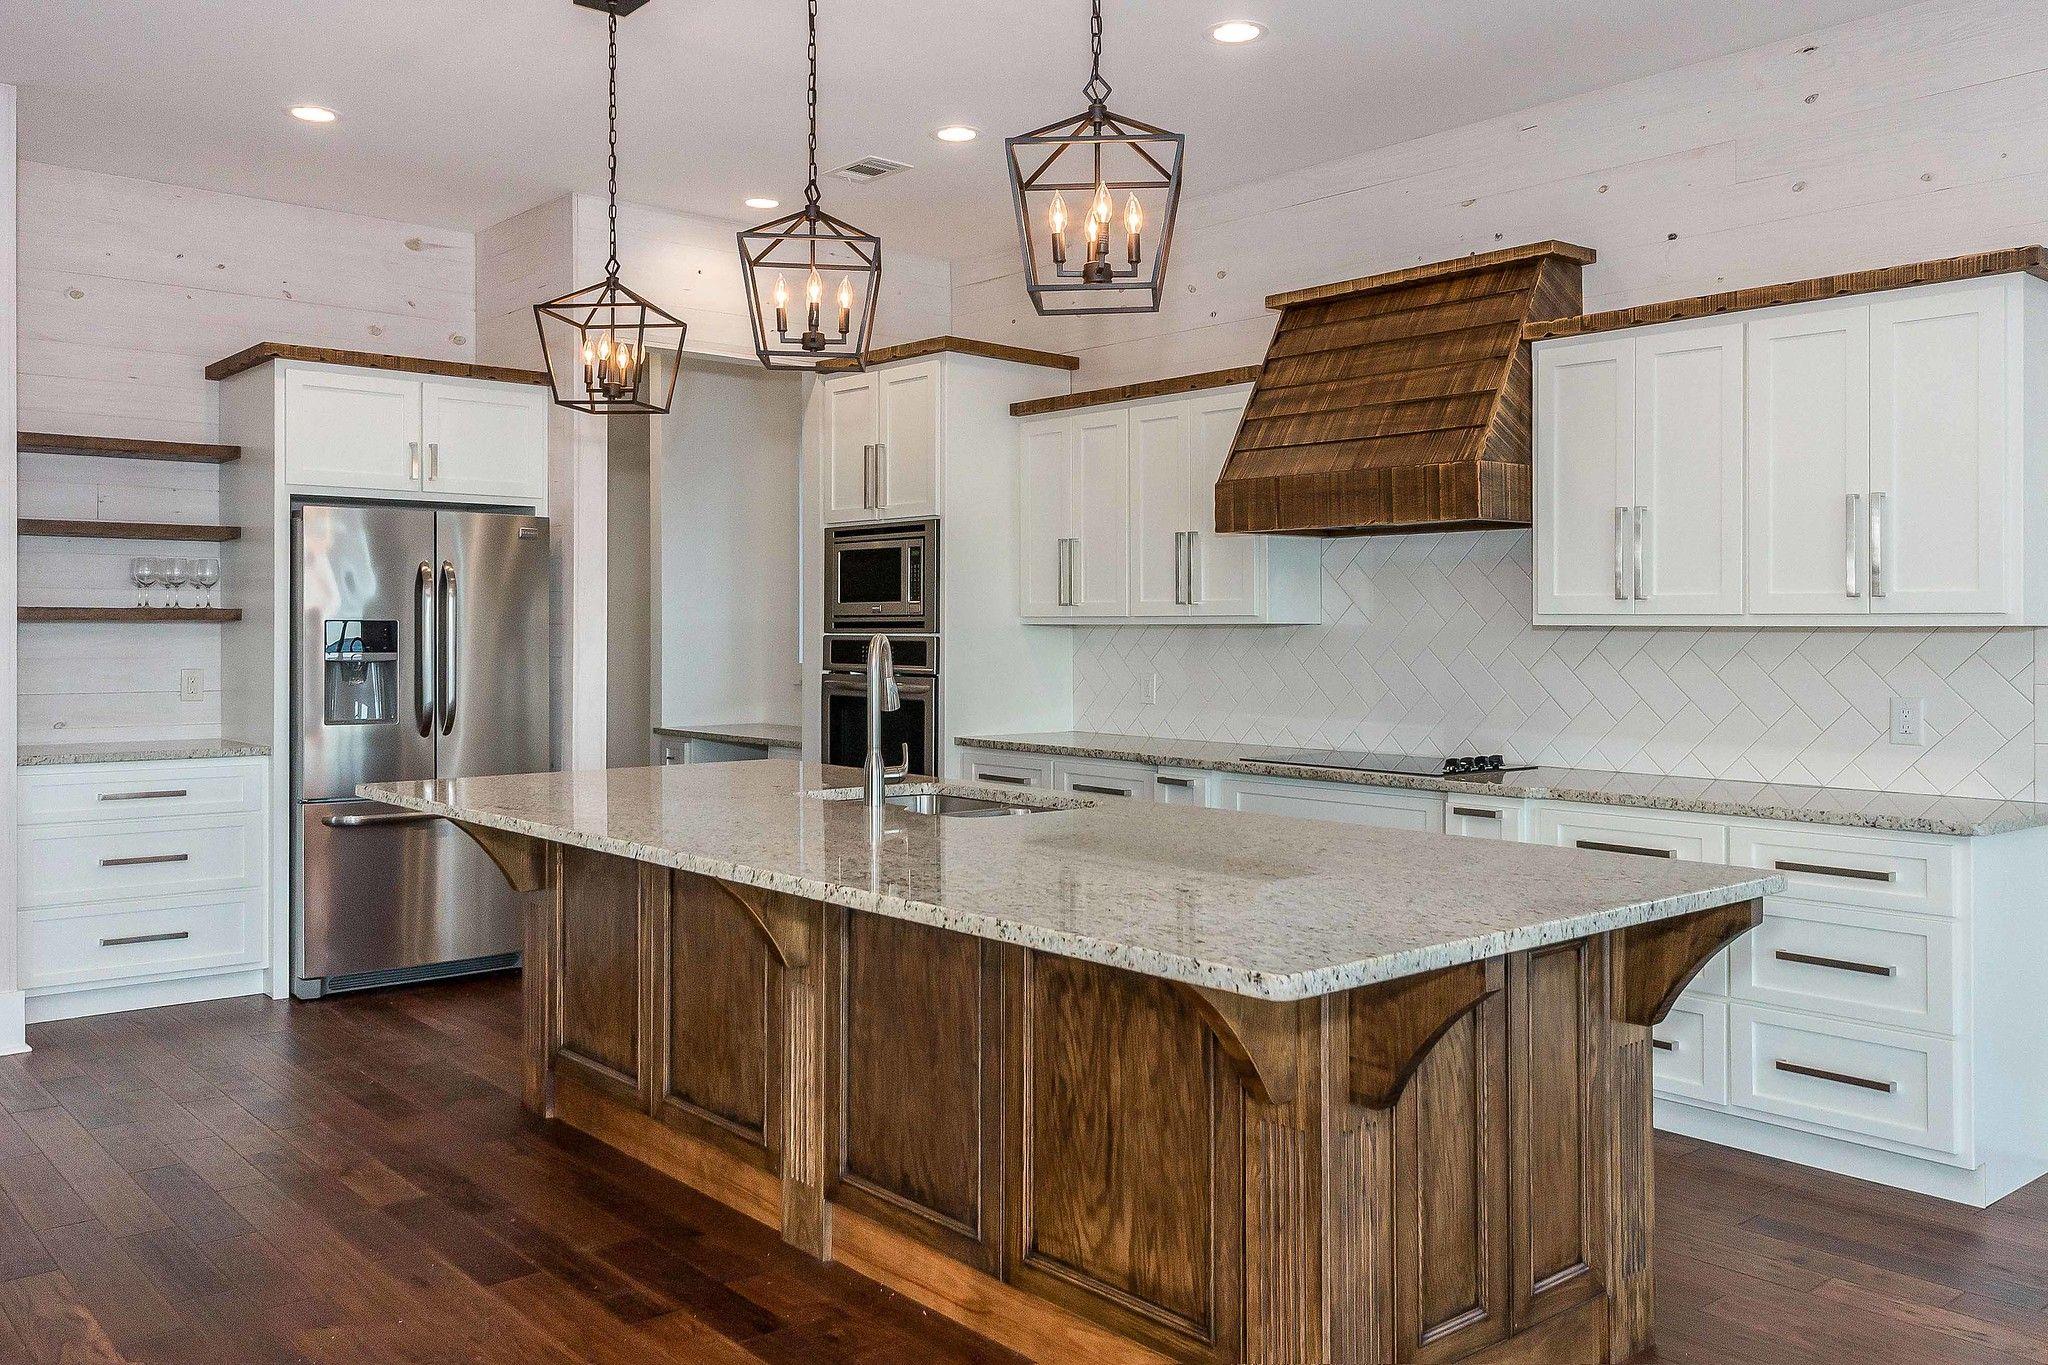 Kitchen Island Vs Peninsula An Honest Comparison Kitchen